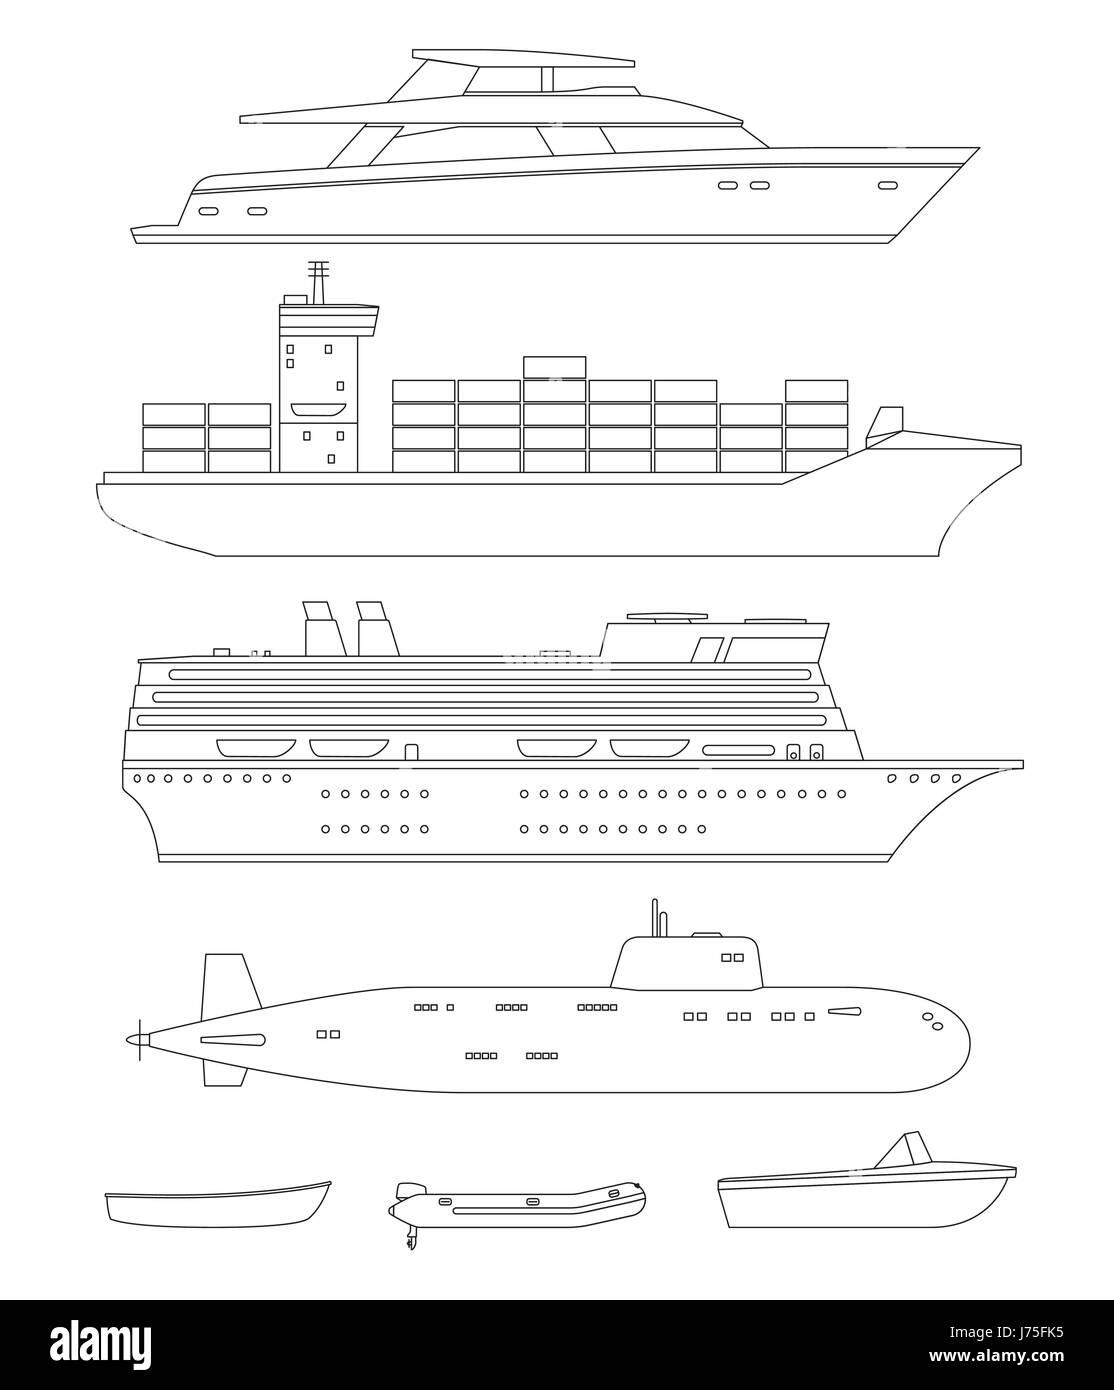 Dessins de navires et bateaux Photo Stock